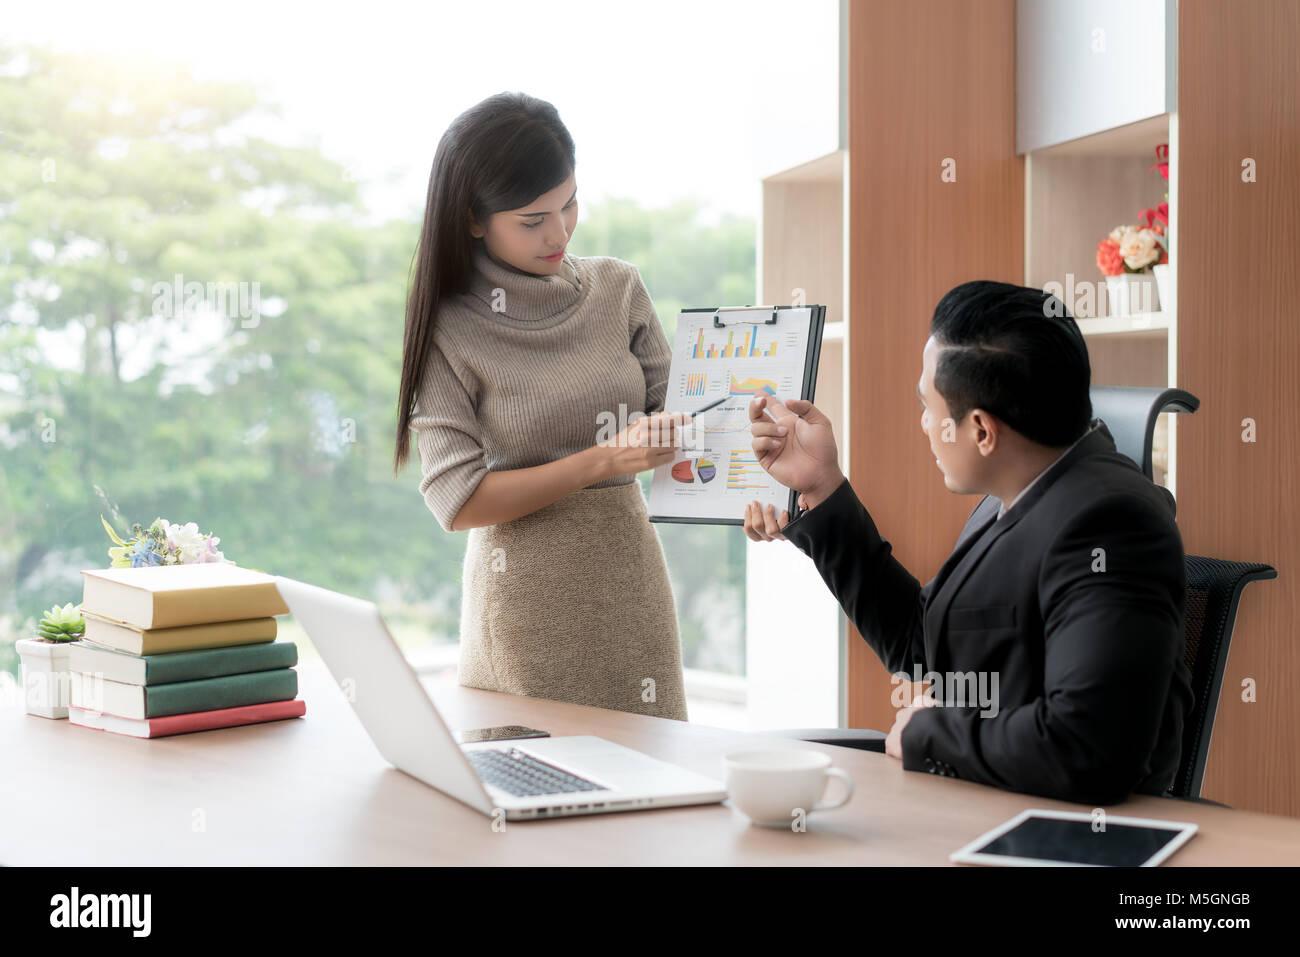 Feliz empresaria asiática presentando montón gráfico al manager en la oficina. Reunión y presentación Imagen De Stock